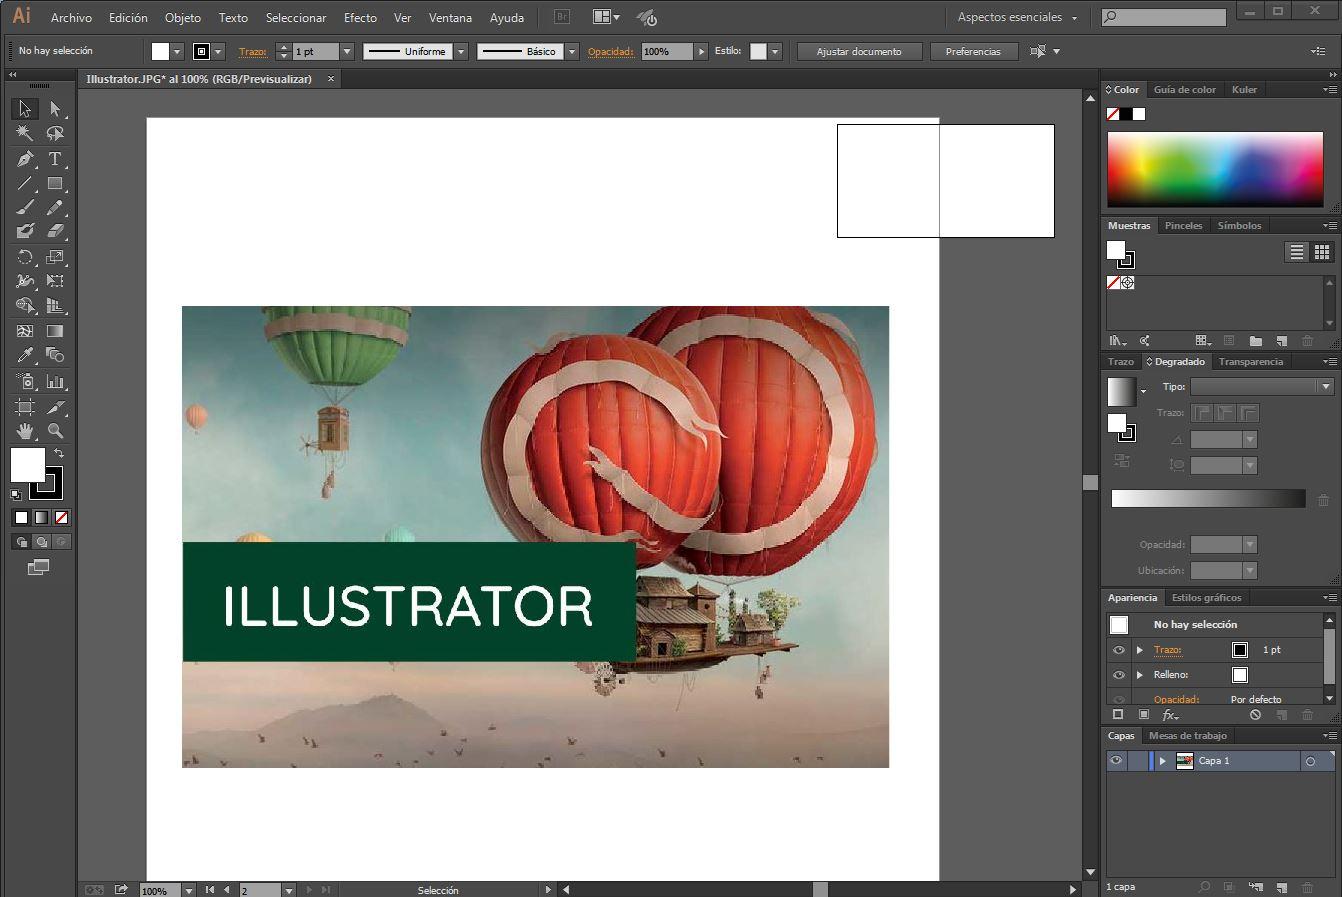 Curso de illustrator avanzado